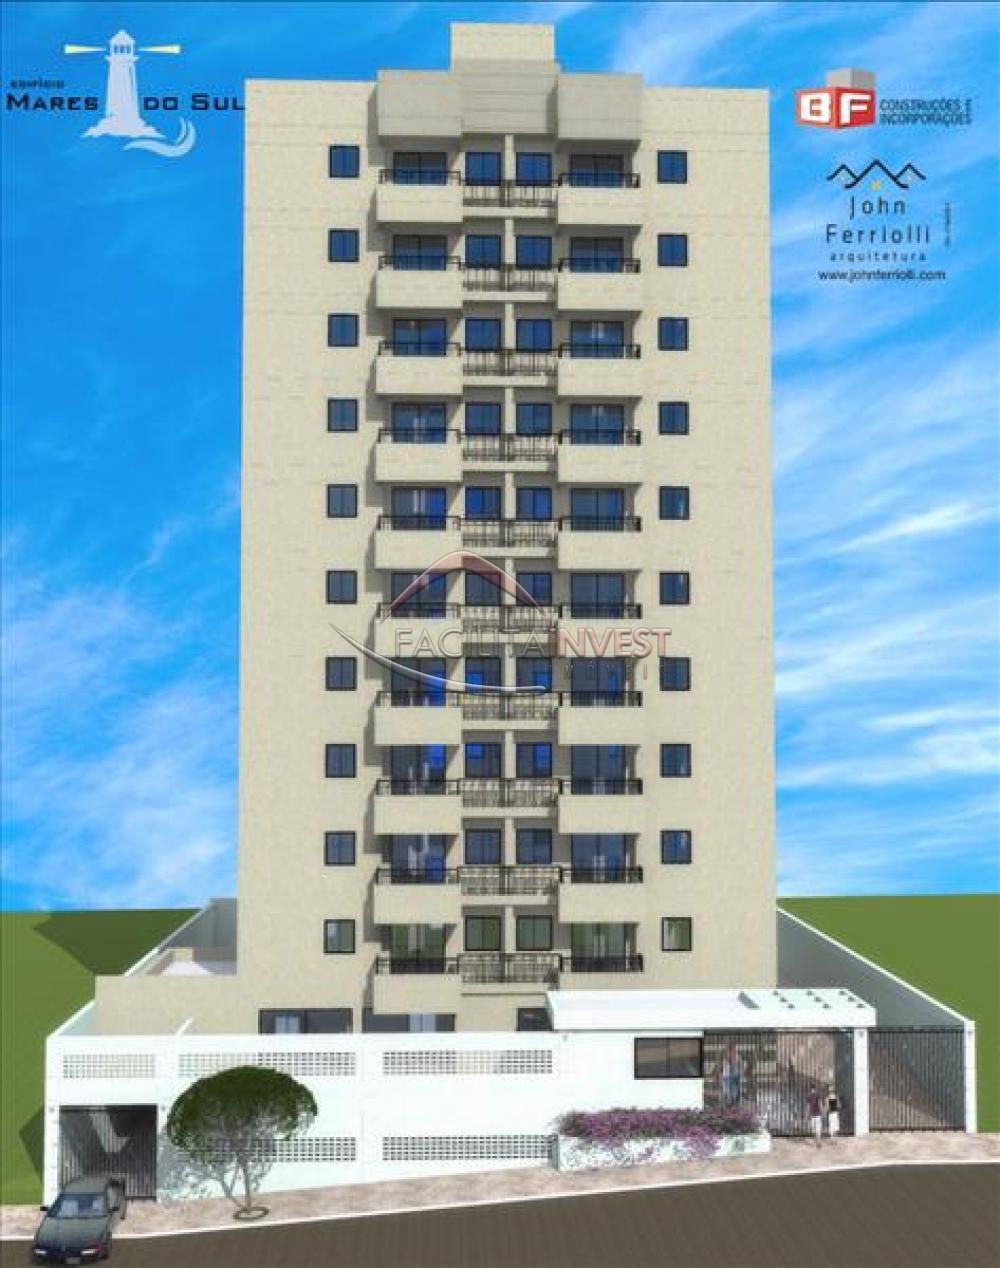 Comprar Apartamentos / Apart. Padrão em Ribeirão Preto apenas R$ 189.900,00 - Foto 1